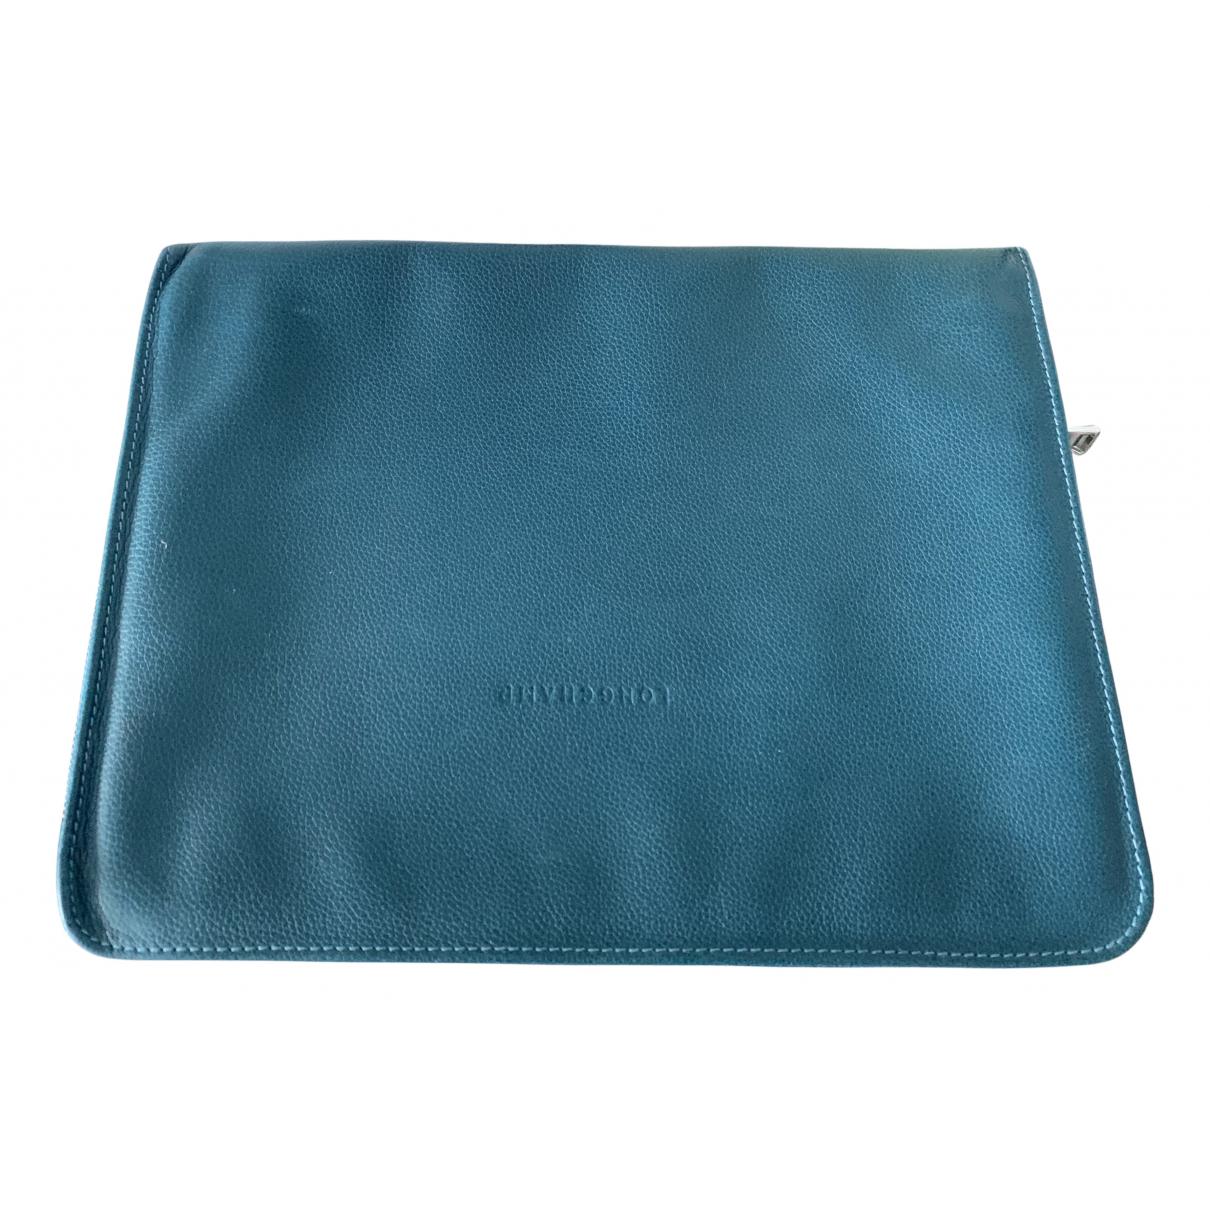 Longchamp - Accessoires   pour lifestyle en cuir - bleu